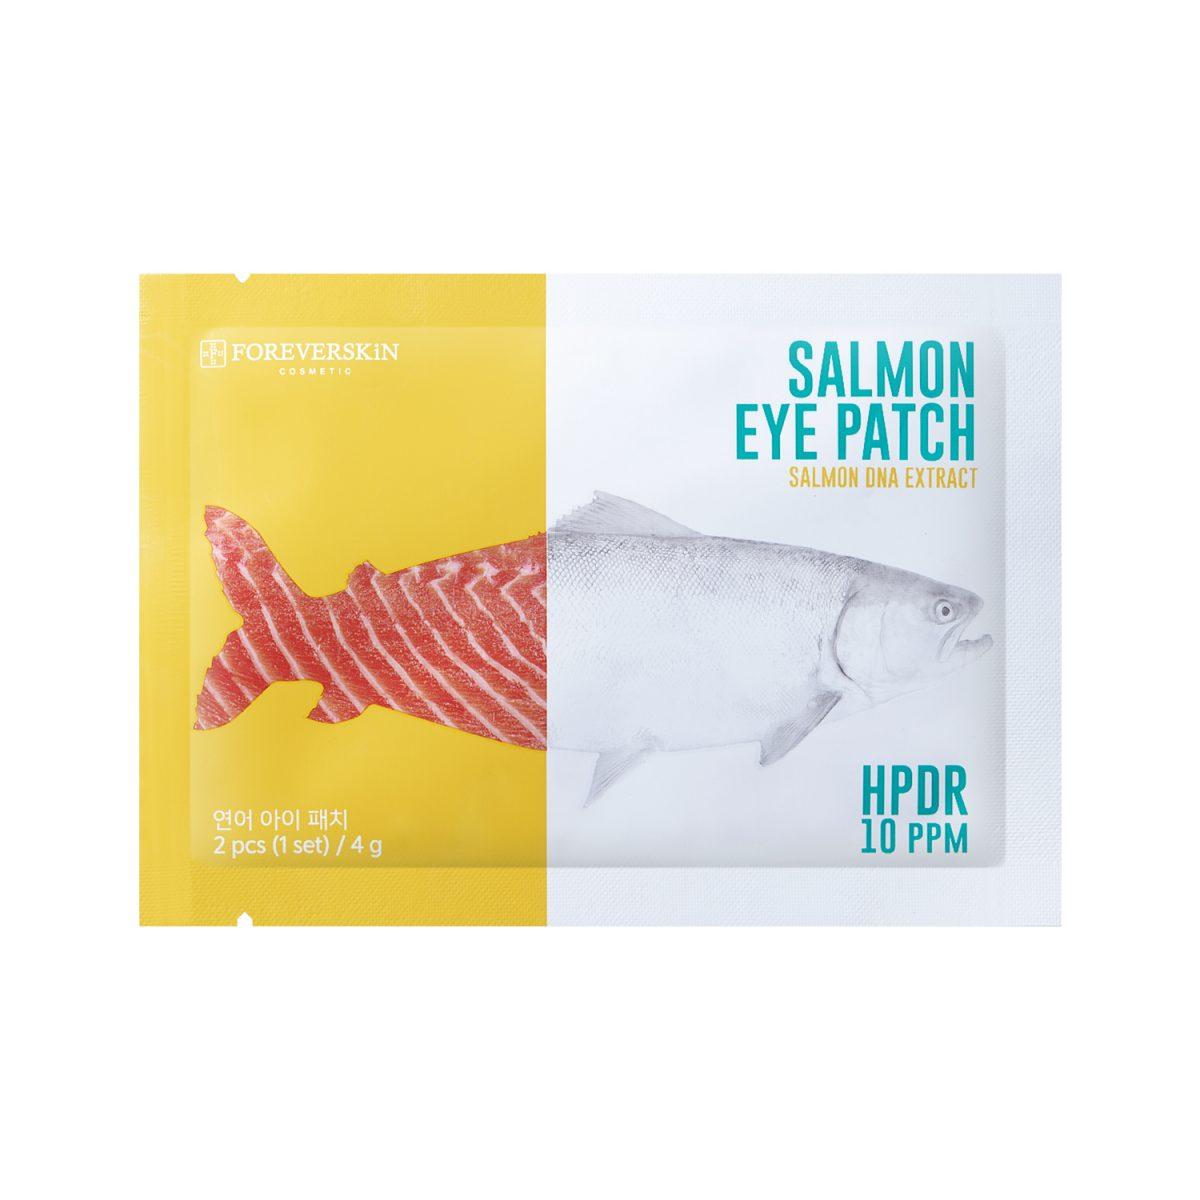 Патчи для ухода за кожей вокруг глаз Salmon eye patch от Foreverskin 10шт